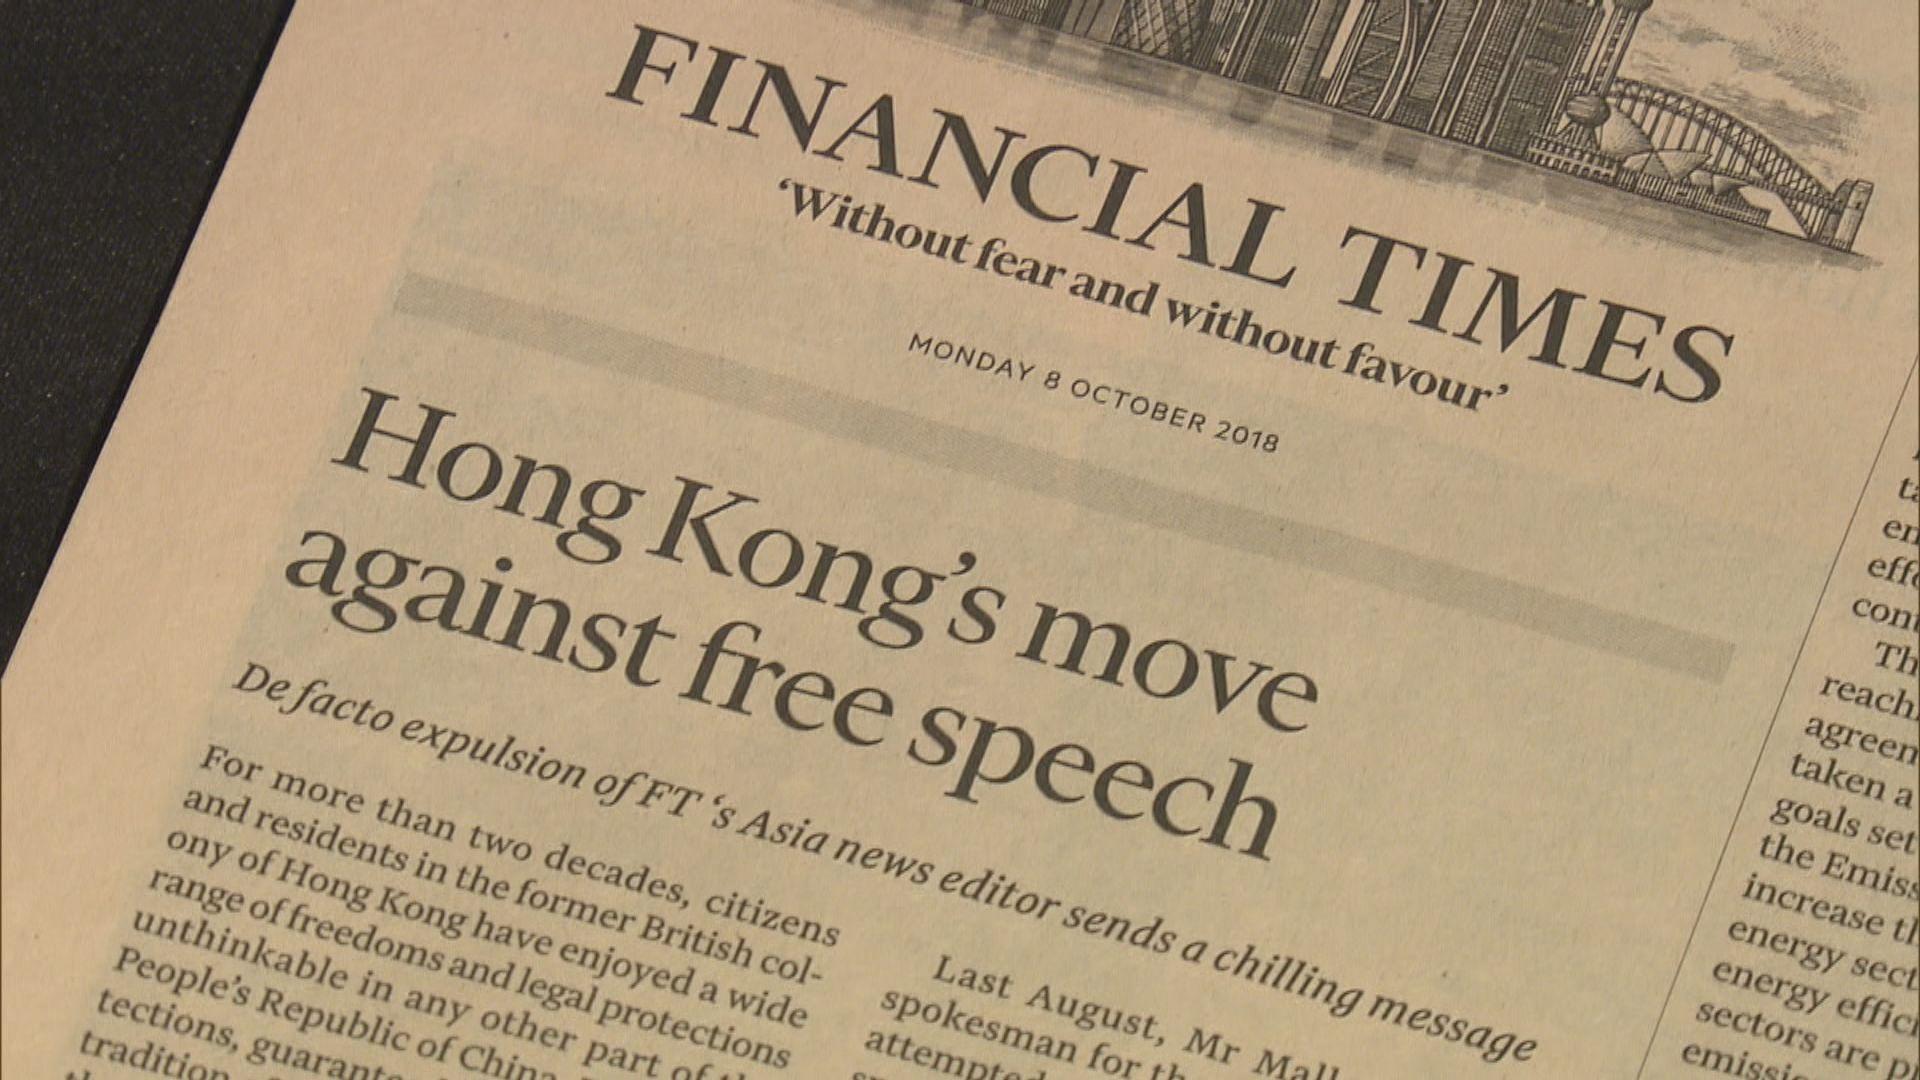 《金融時報》對馬凱被拒續簽證深感遺憾